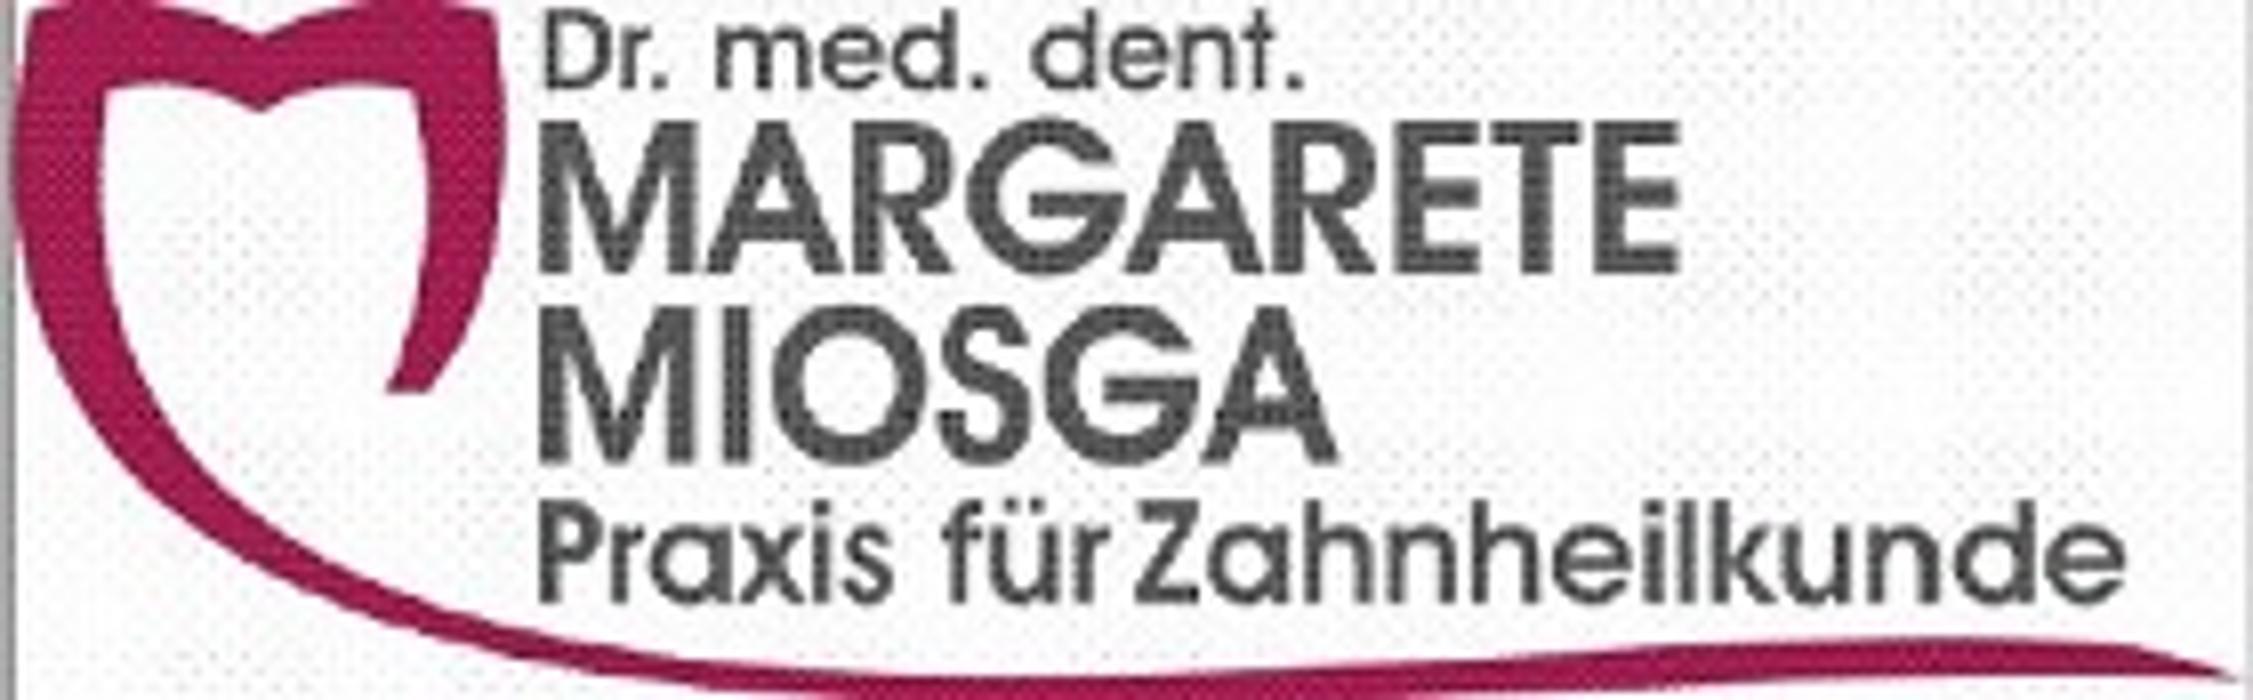 Dr.med.dent.Margarete Miosga Praxis für Zahnheilkunde